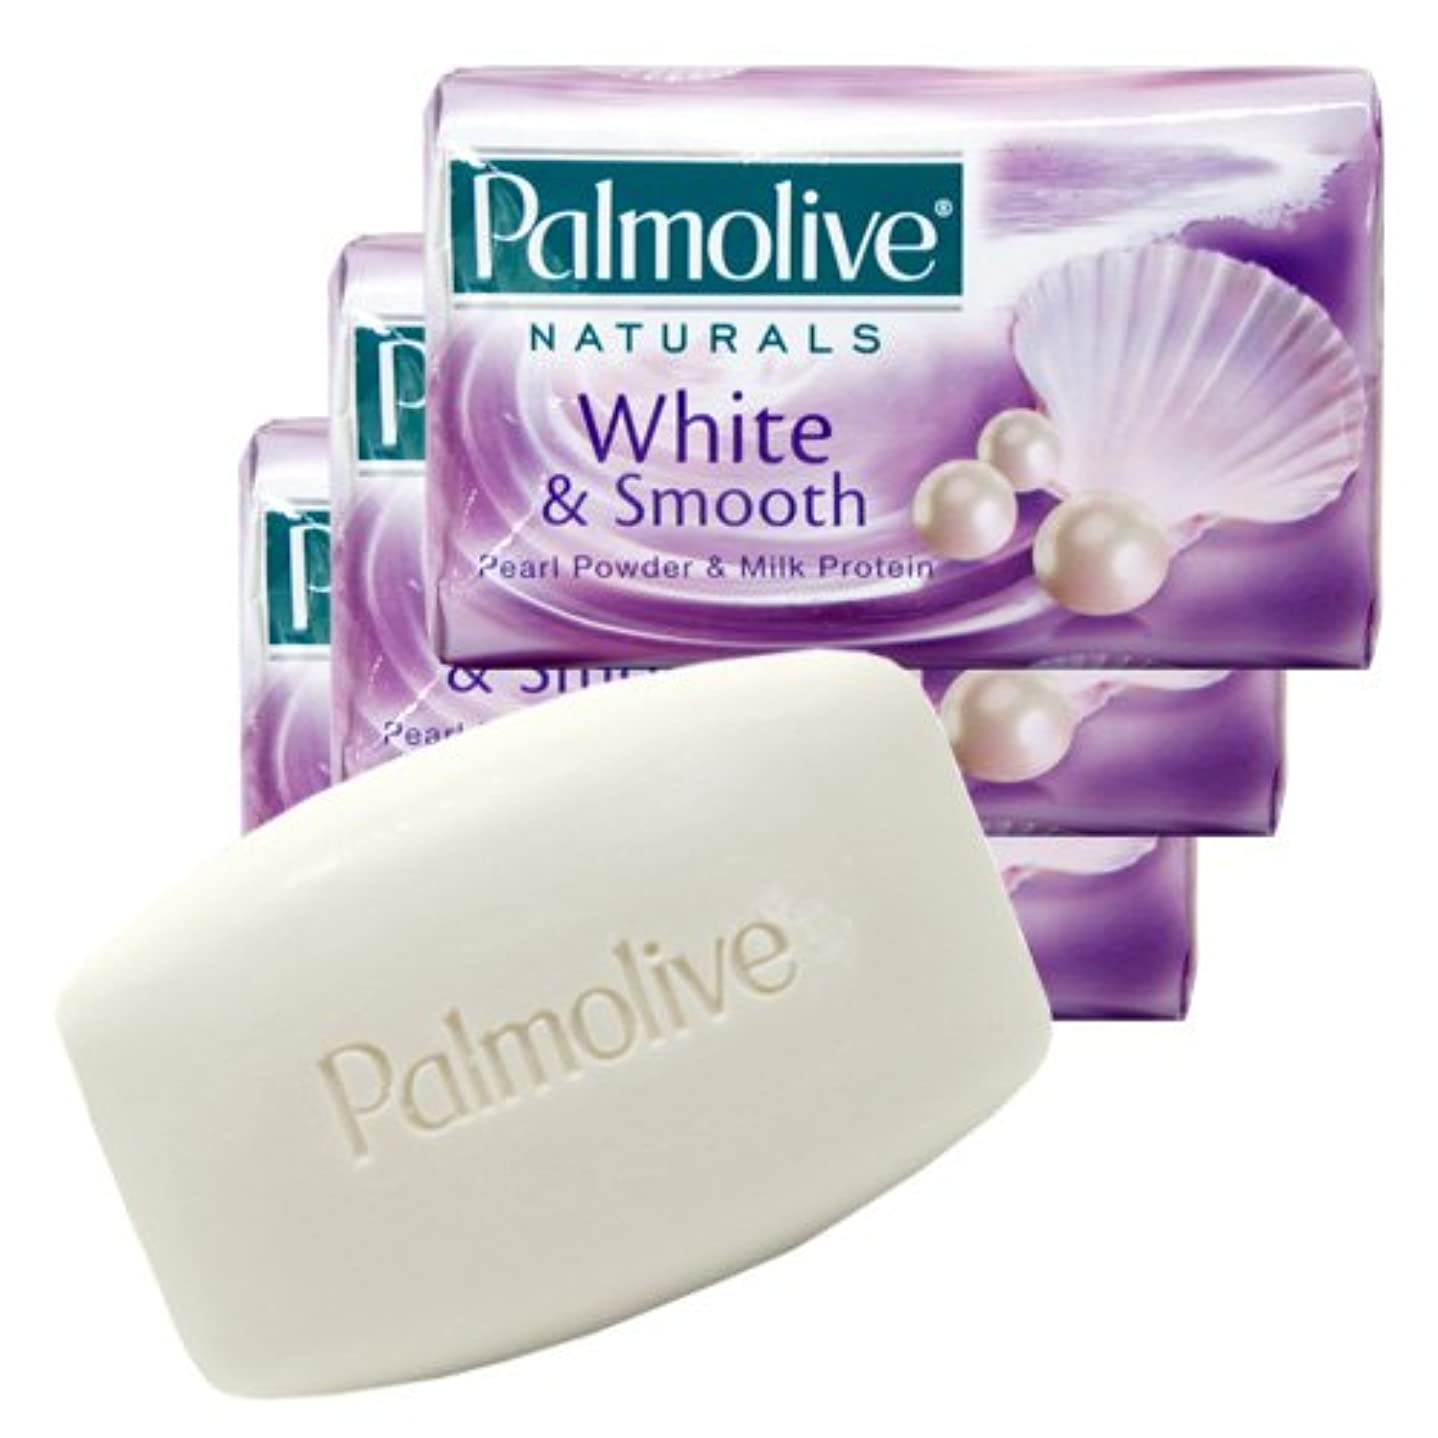 不安神社読み書きのできない【Palmolive】パルモリーブ ナチュラルズ石鹸3個パック ホワイト&スムース(パールパウダー&ミルクプロテイン)80g×3